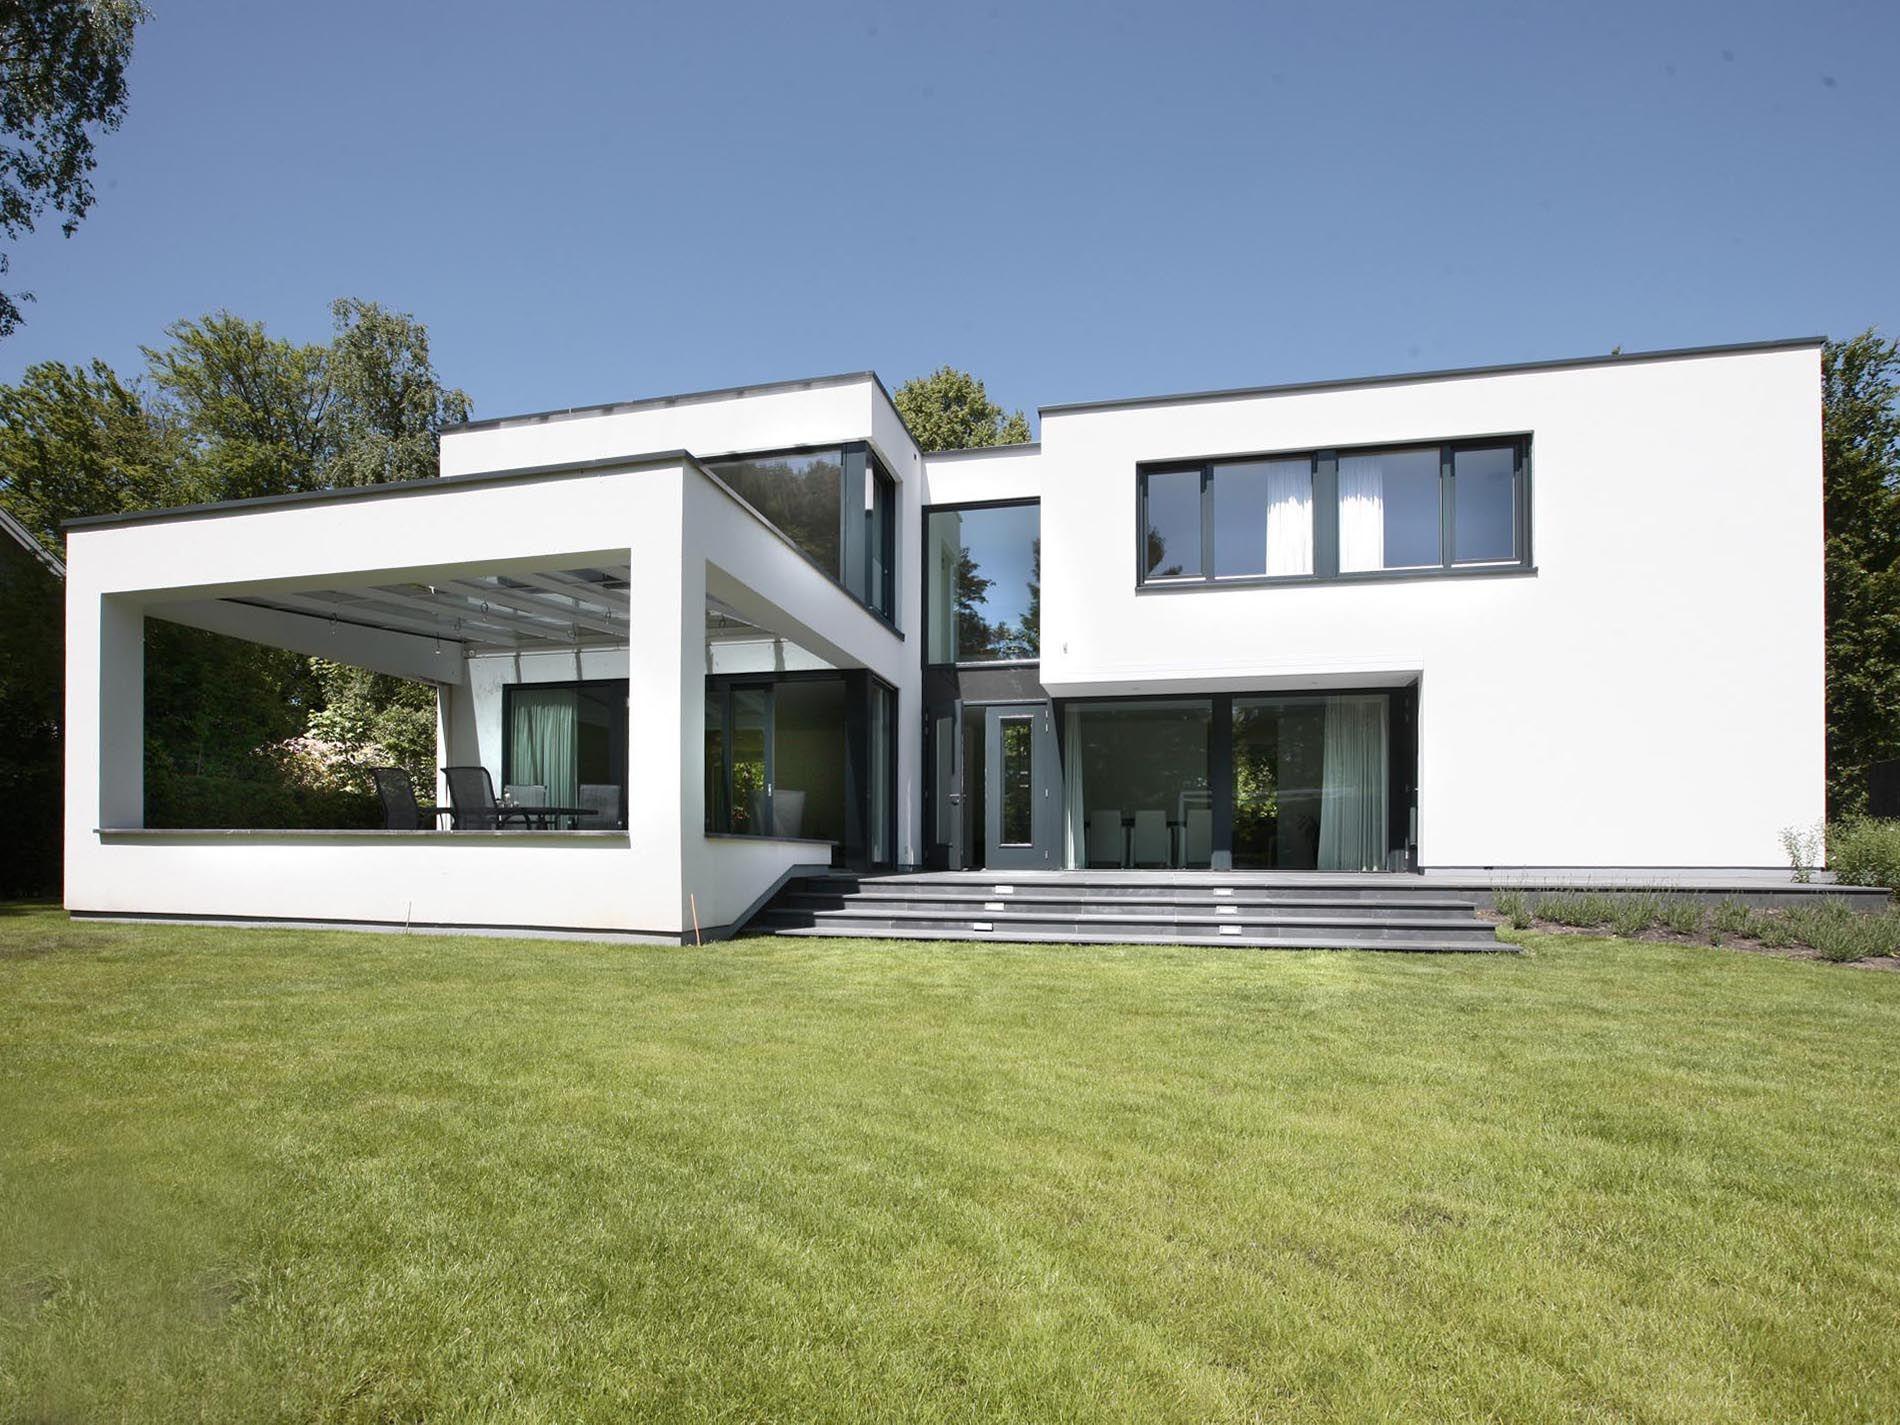 Maas architecten woonhuis warnsveld kubistische bouw for Hedendaagse architecten